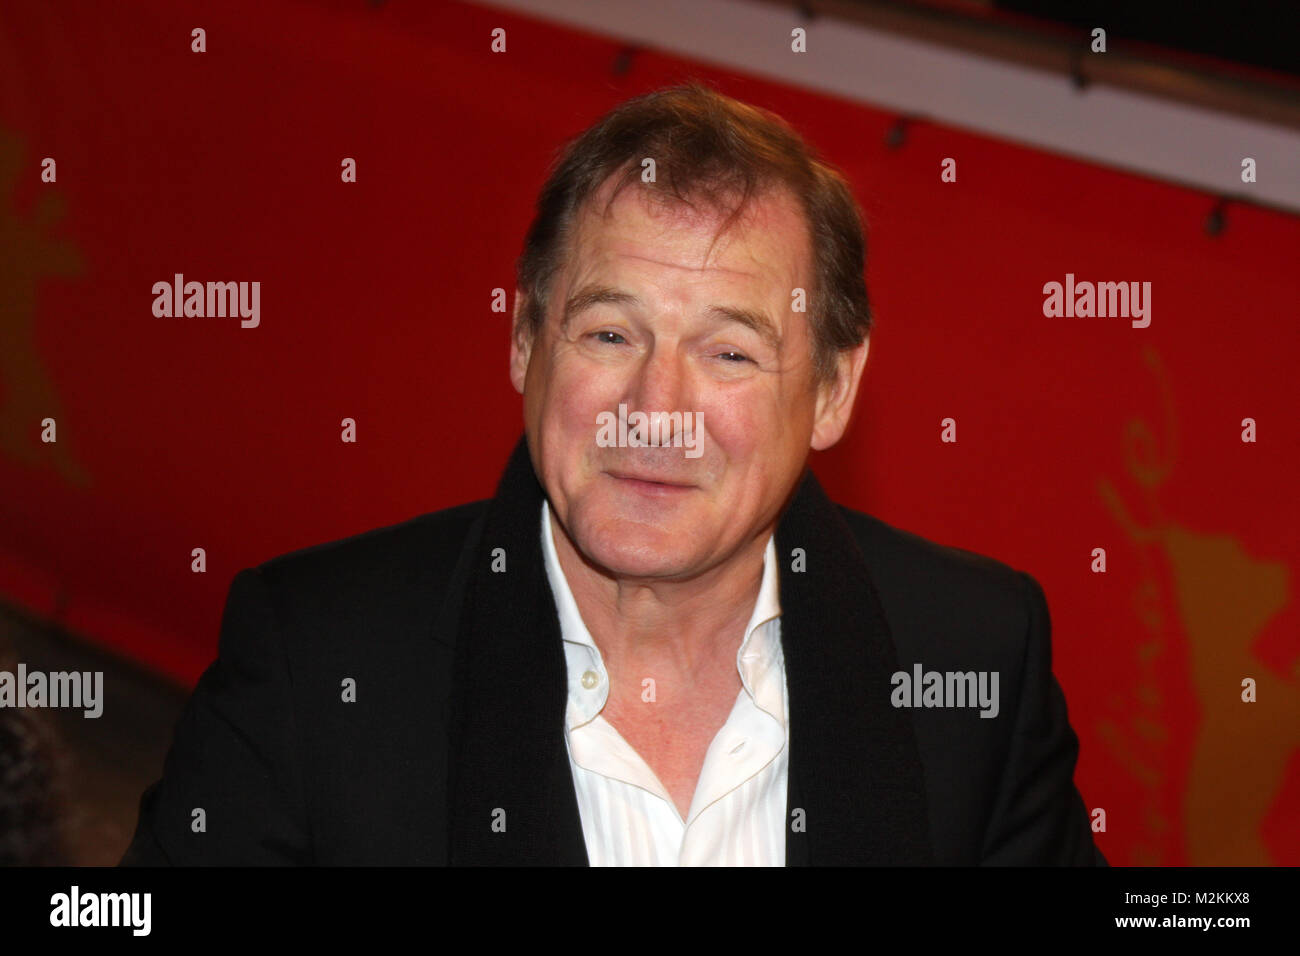 Burghart Klaußner auf dem Roten Teppich zur Eröffnung der 58. Internationalen Filmfestspiele Berlin Berlinale Stockbild